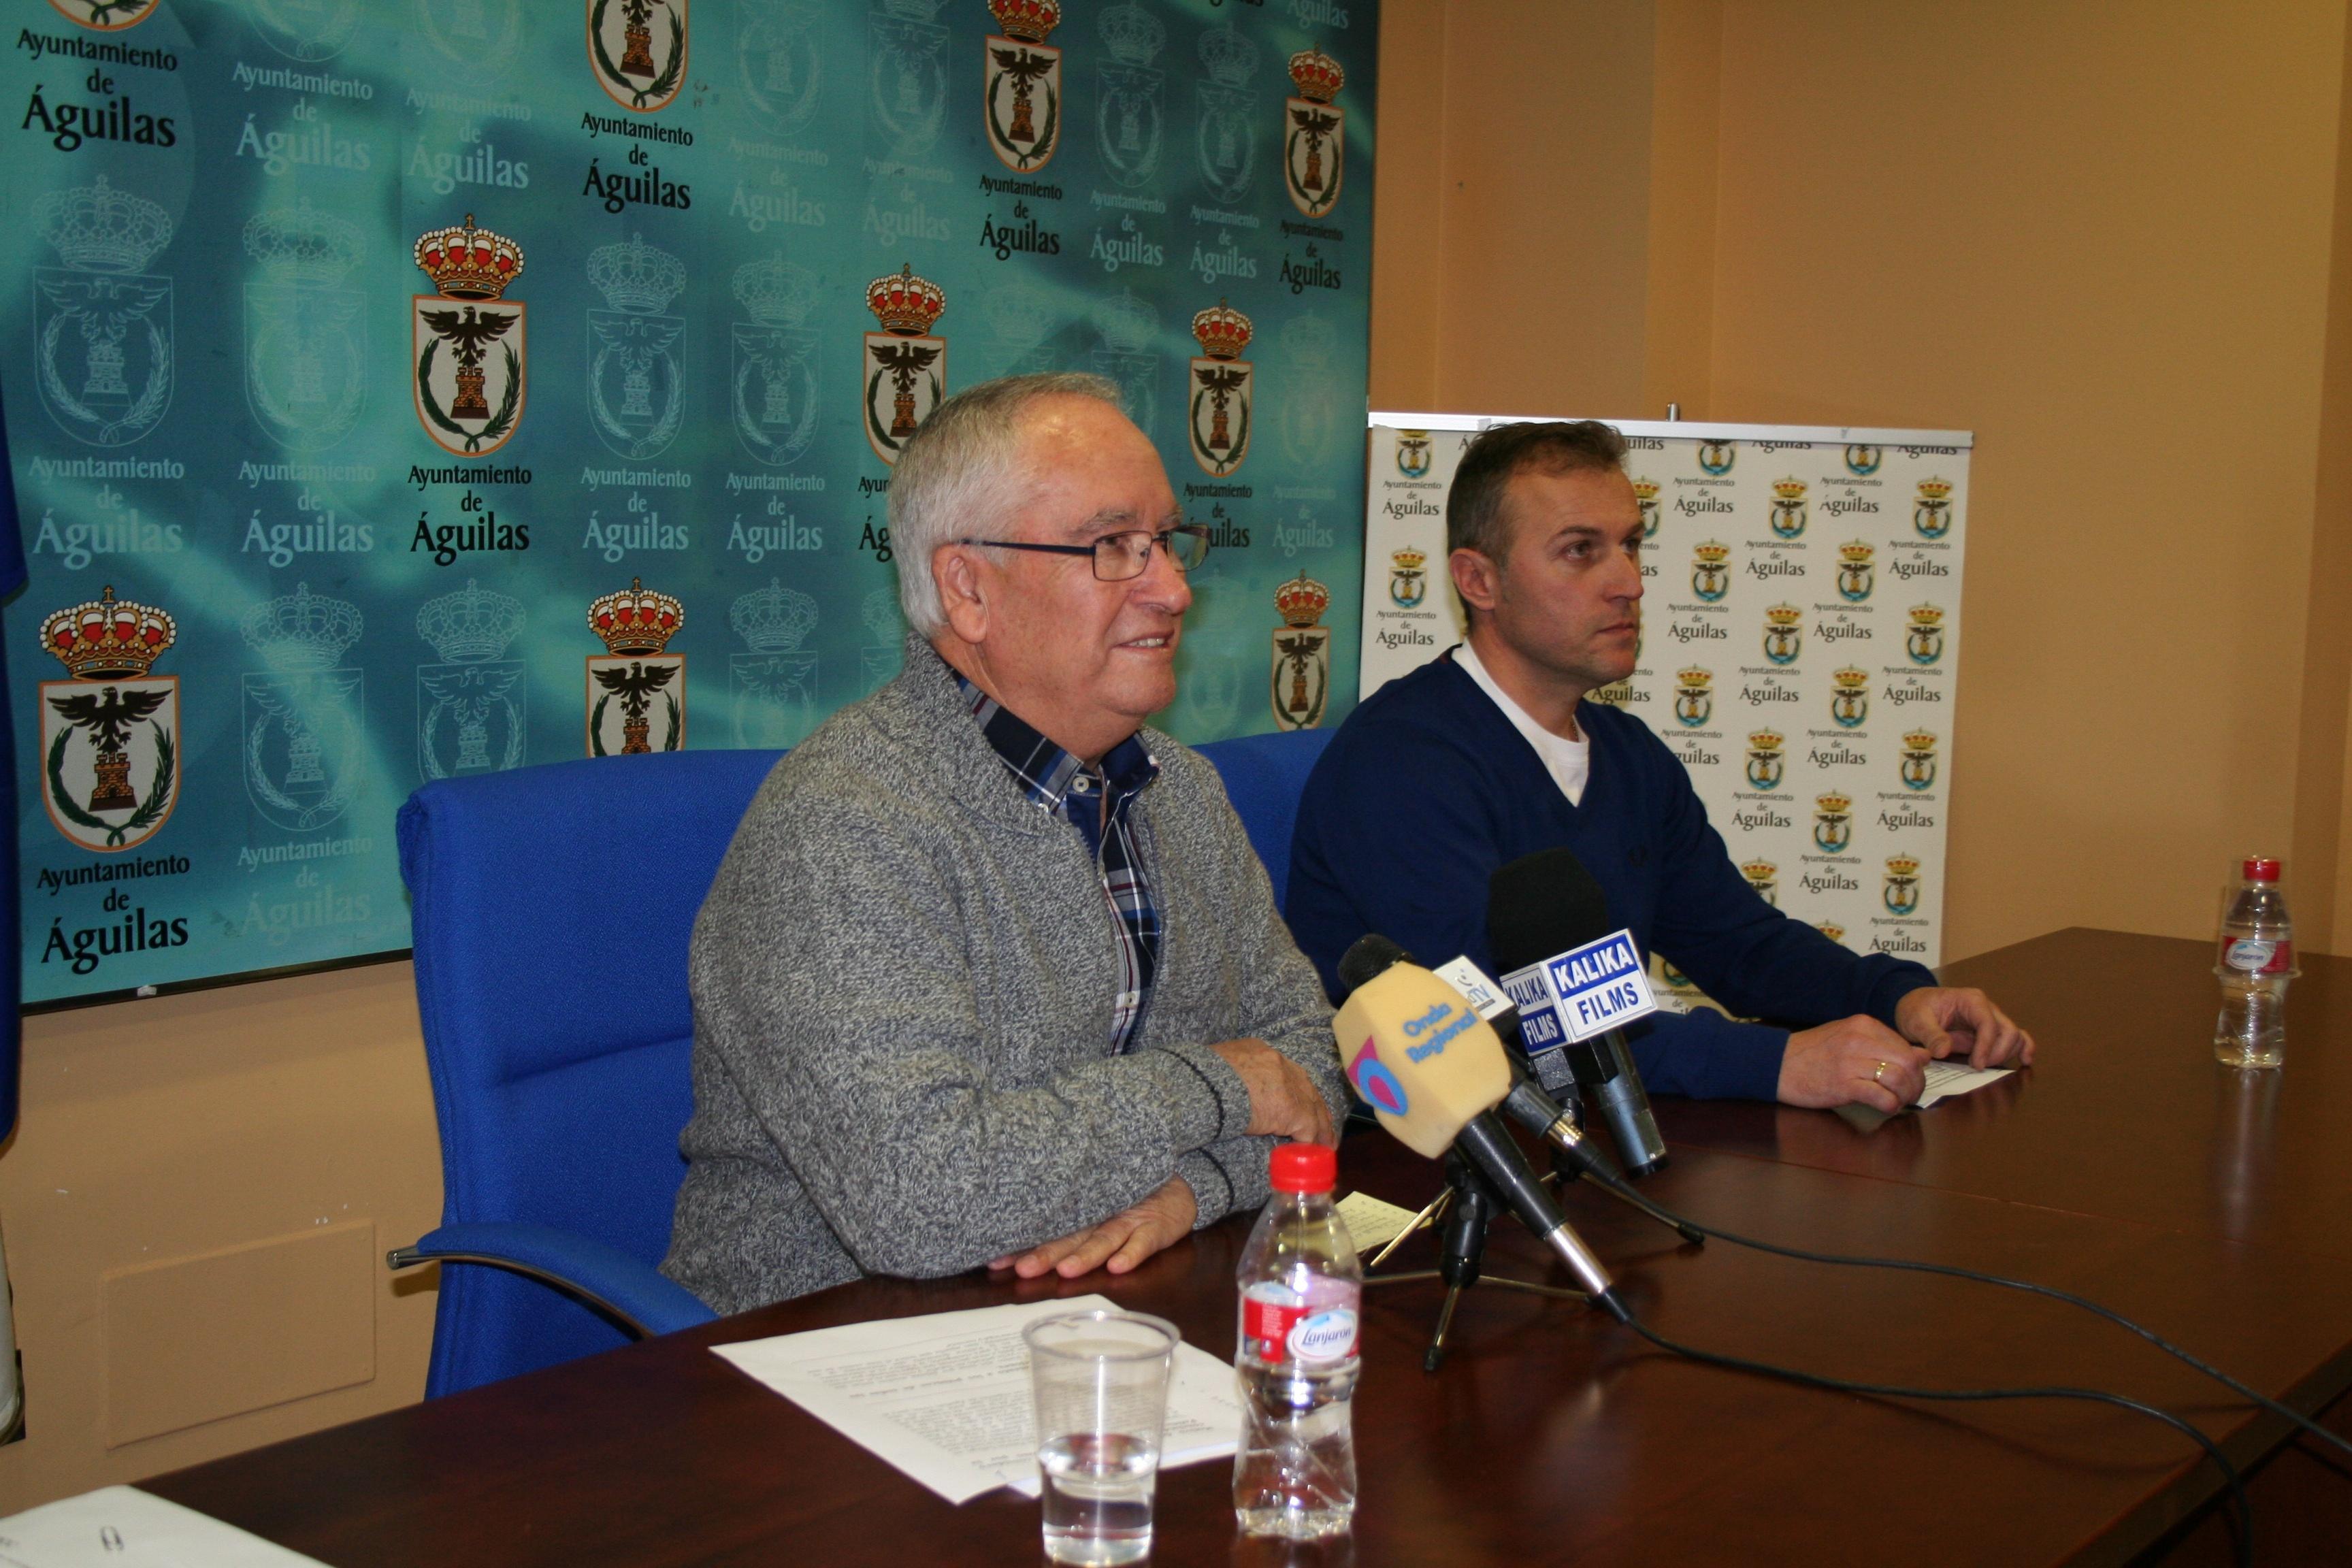 Presidente Movimiento Aguileño Socialdemócrata renuncia a cargo de concejal en Águilas porque su objetivo está concluido